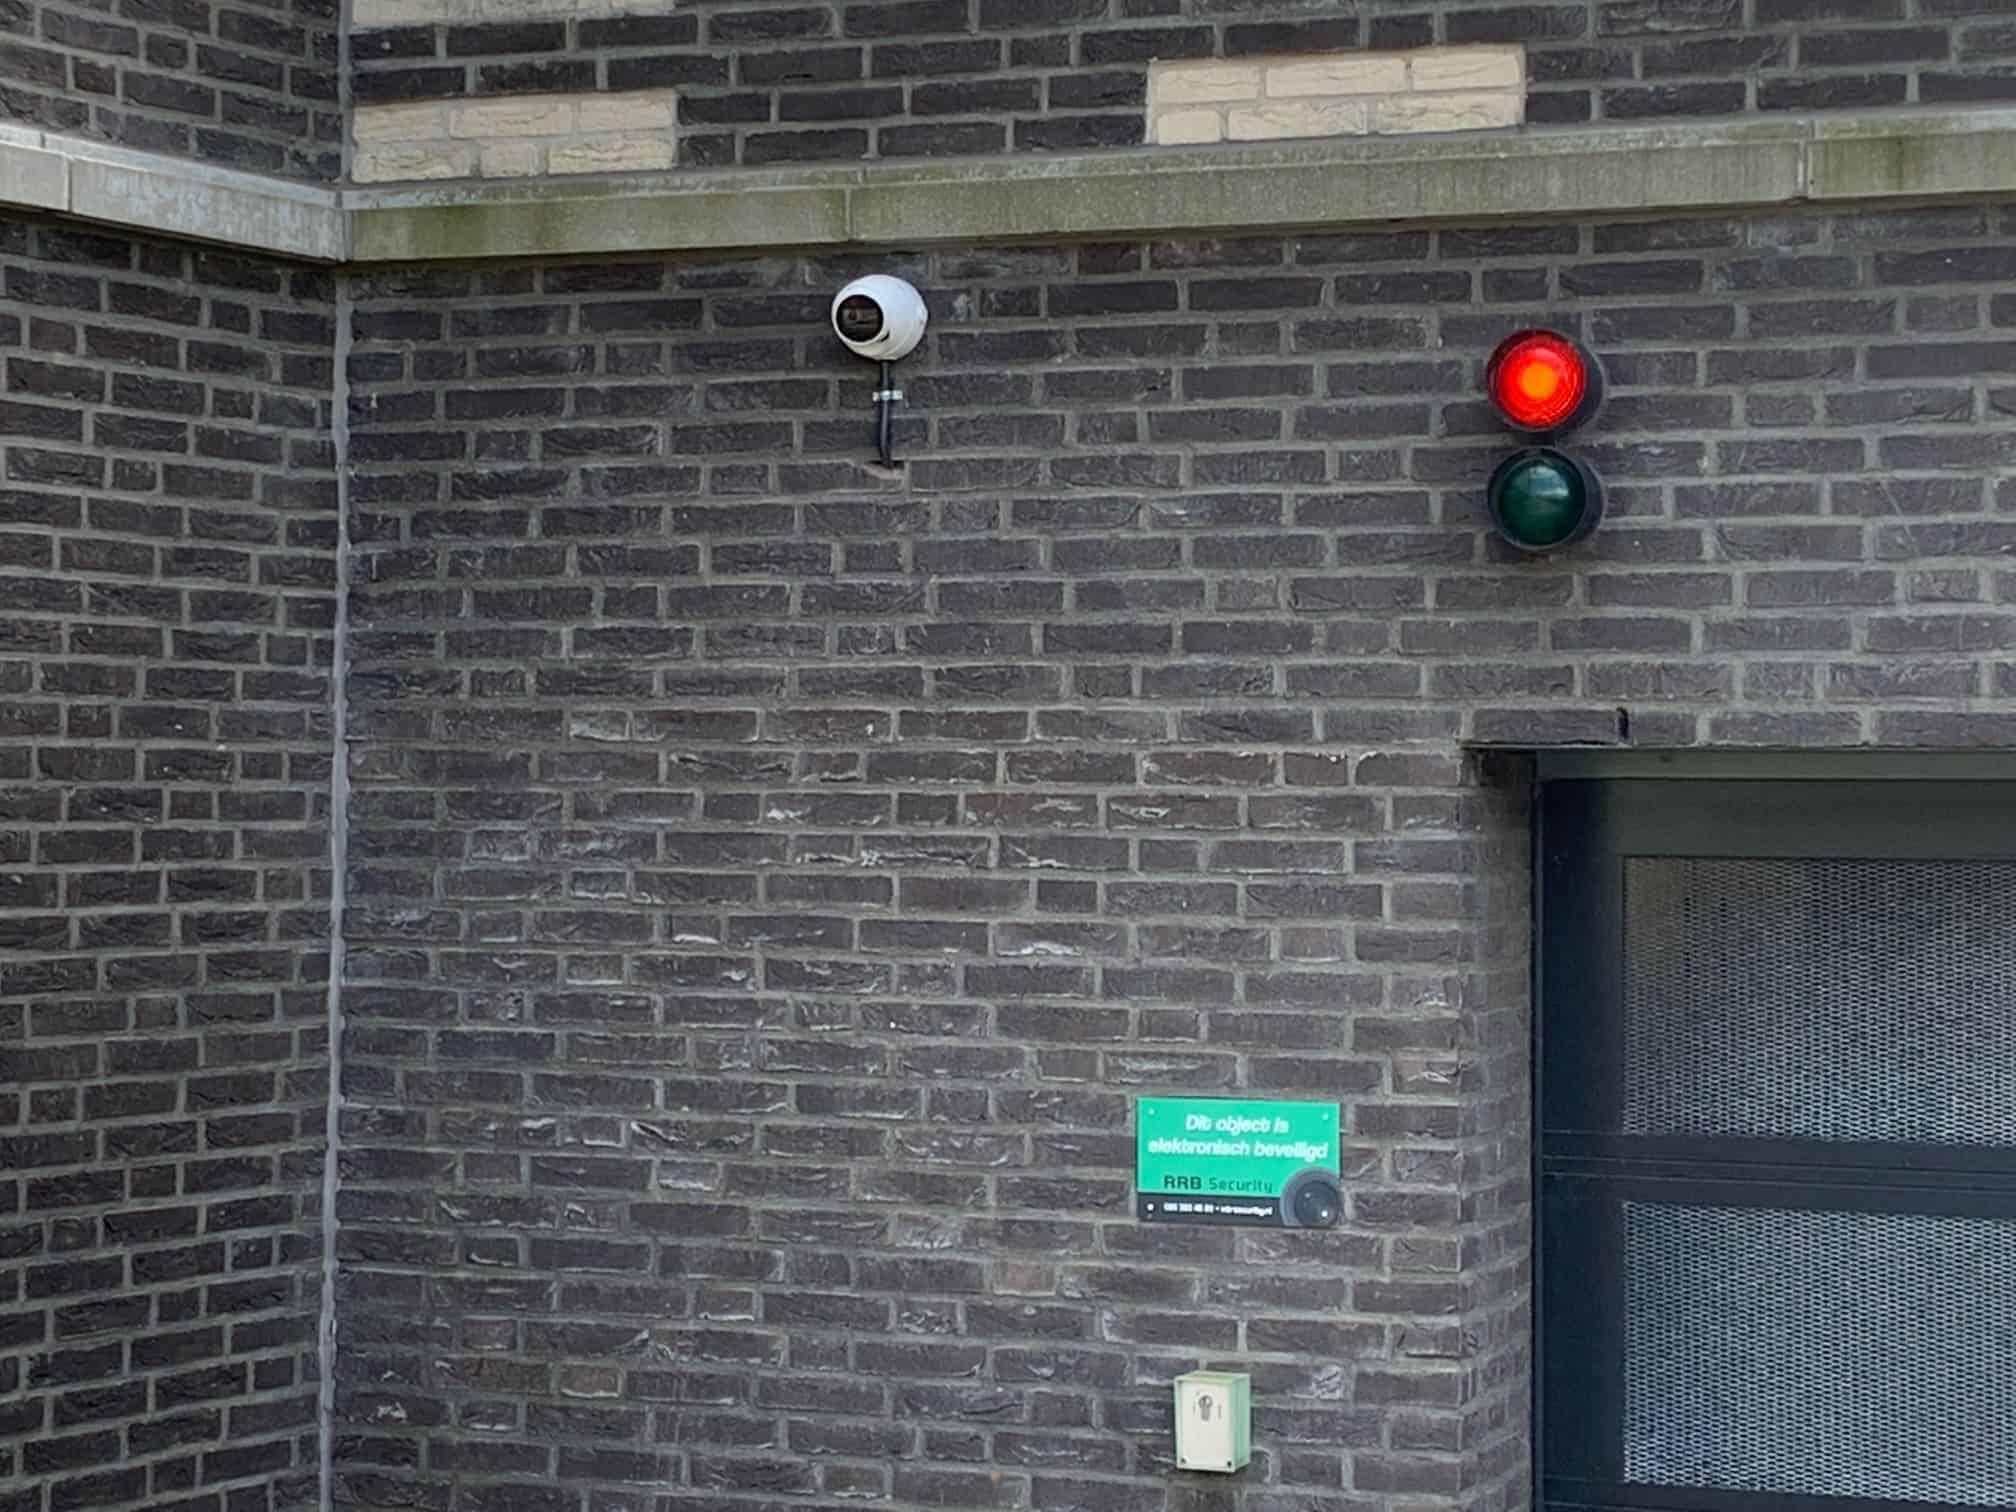 camerabeveiliging vve barendrecht